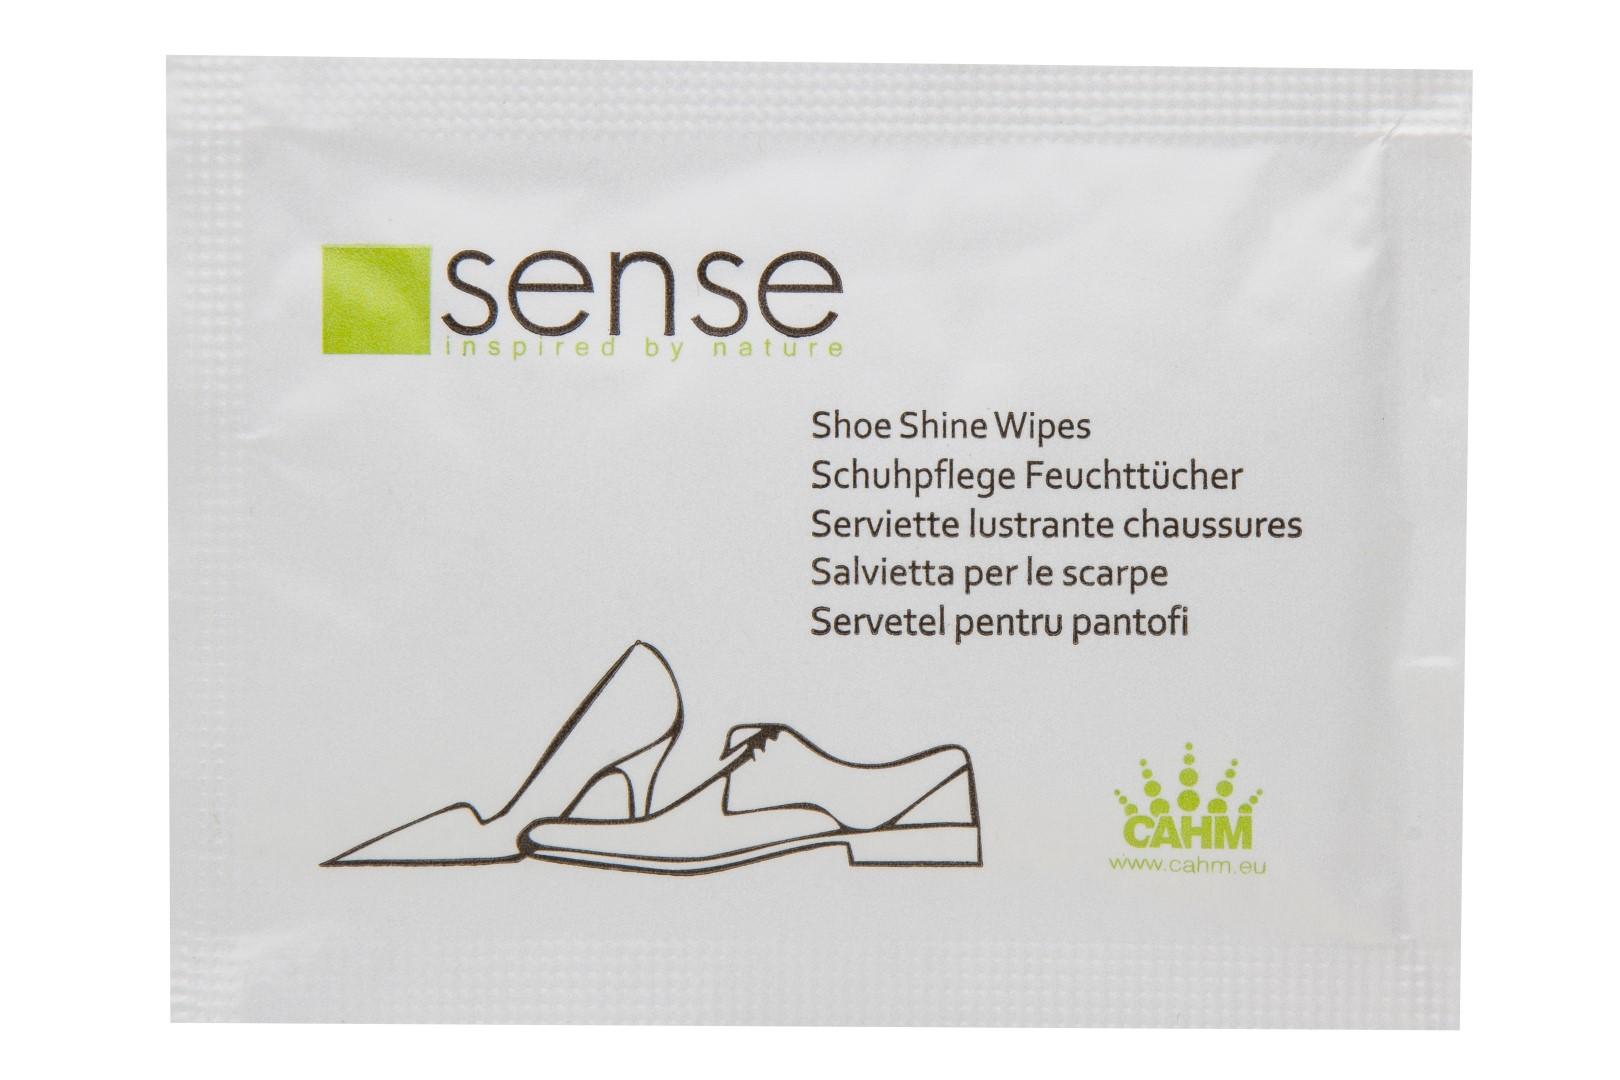 Servetel Silicon Pantofi - Sense sanito.ro